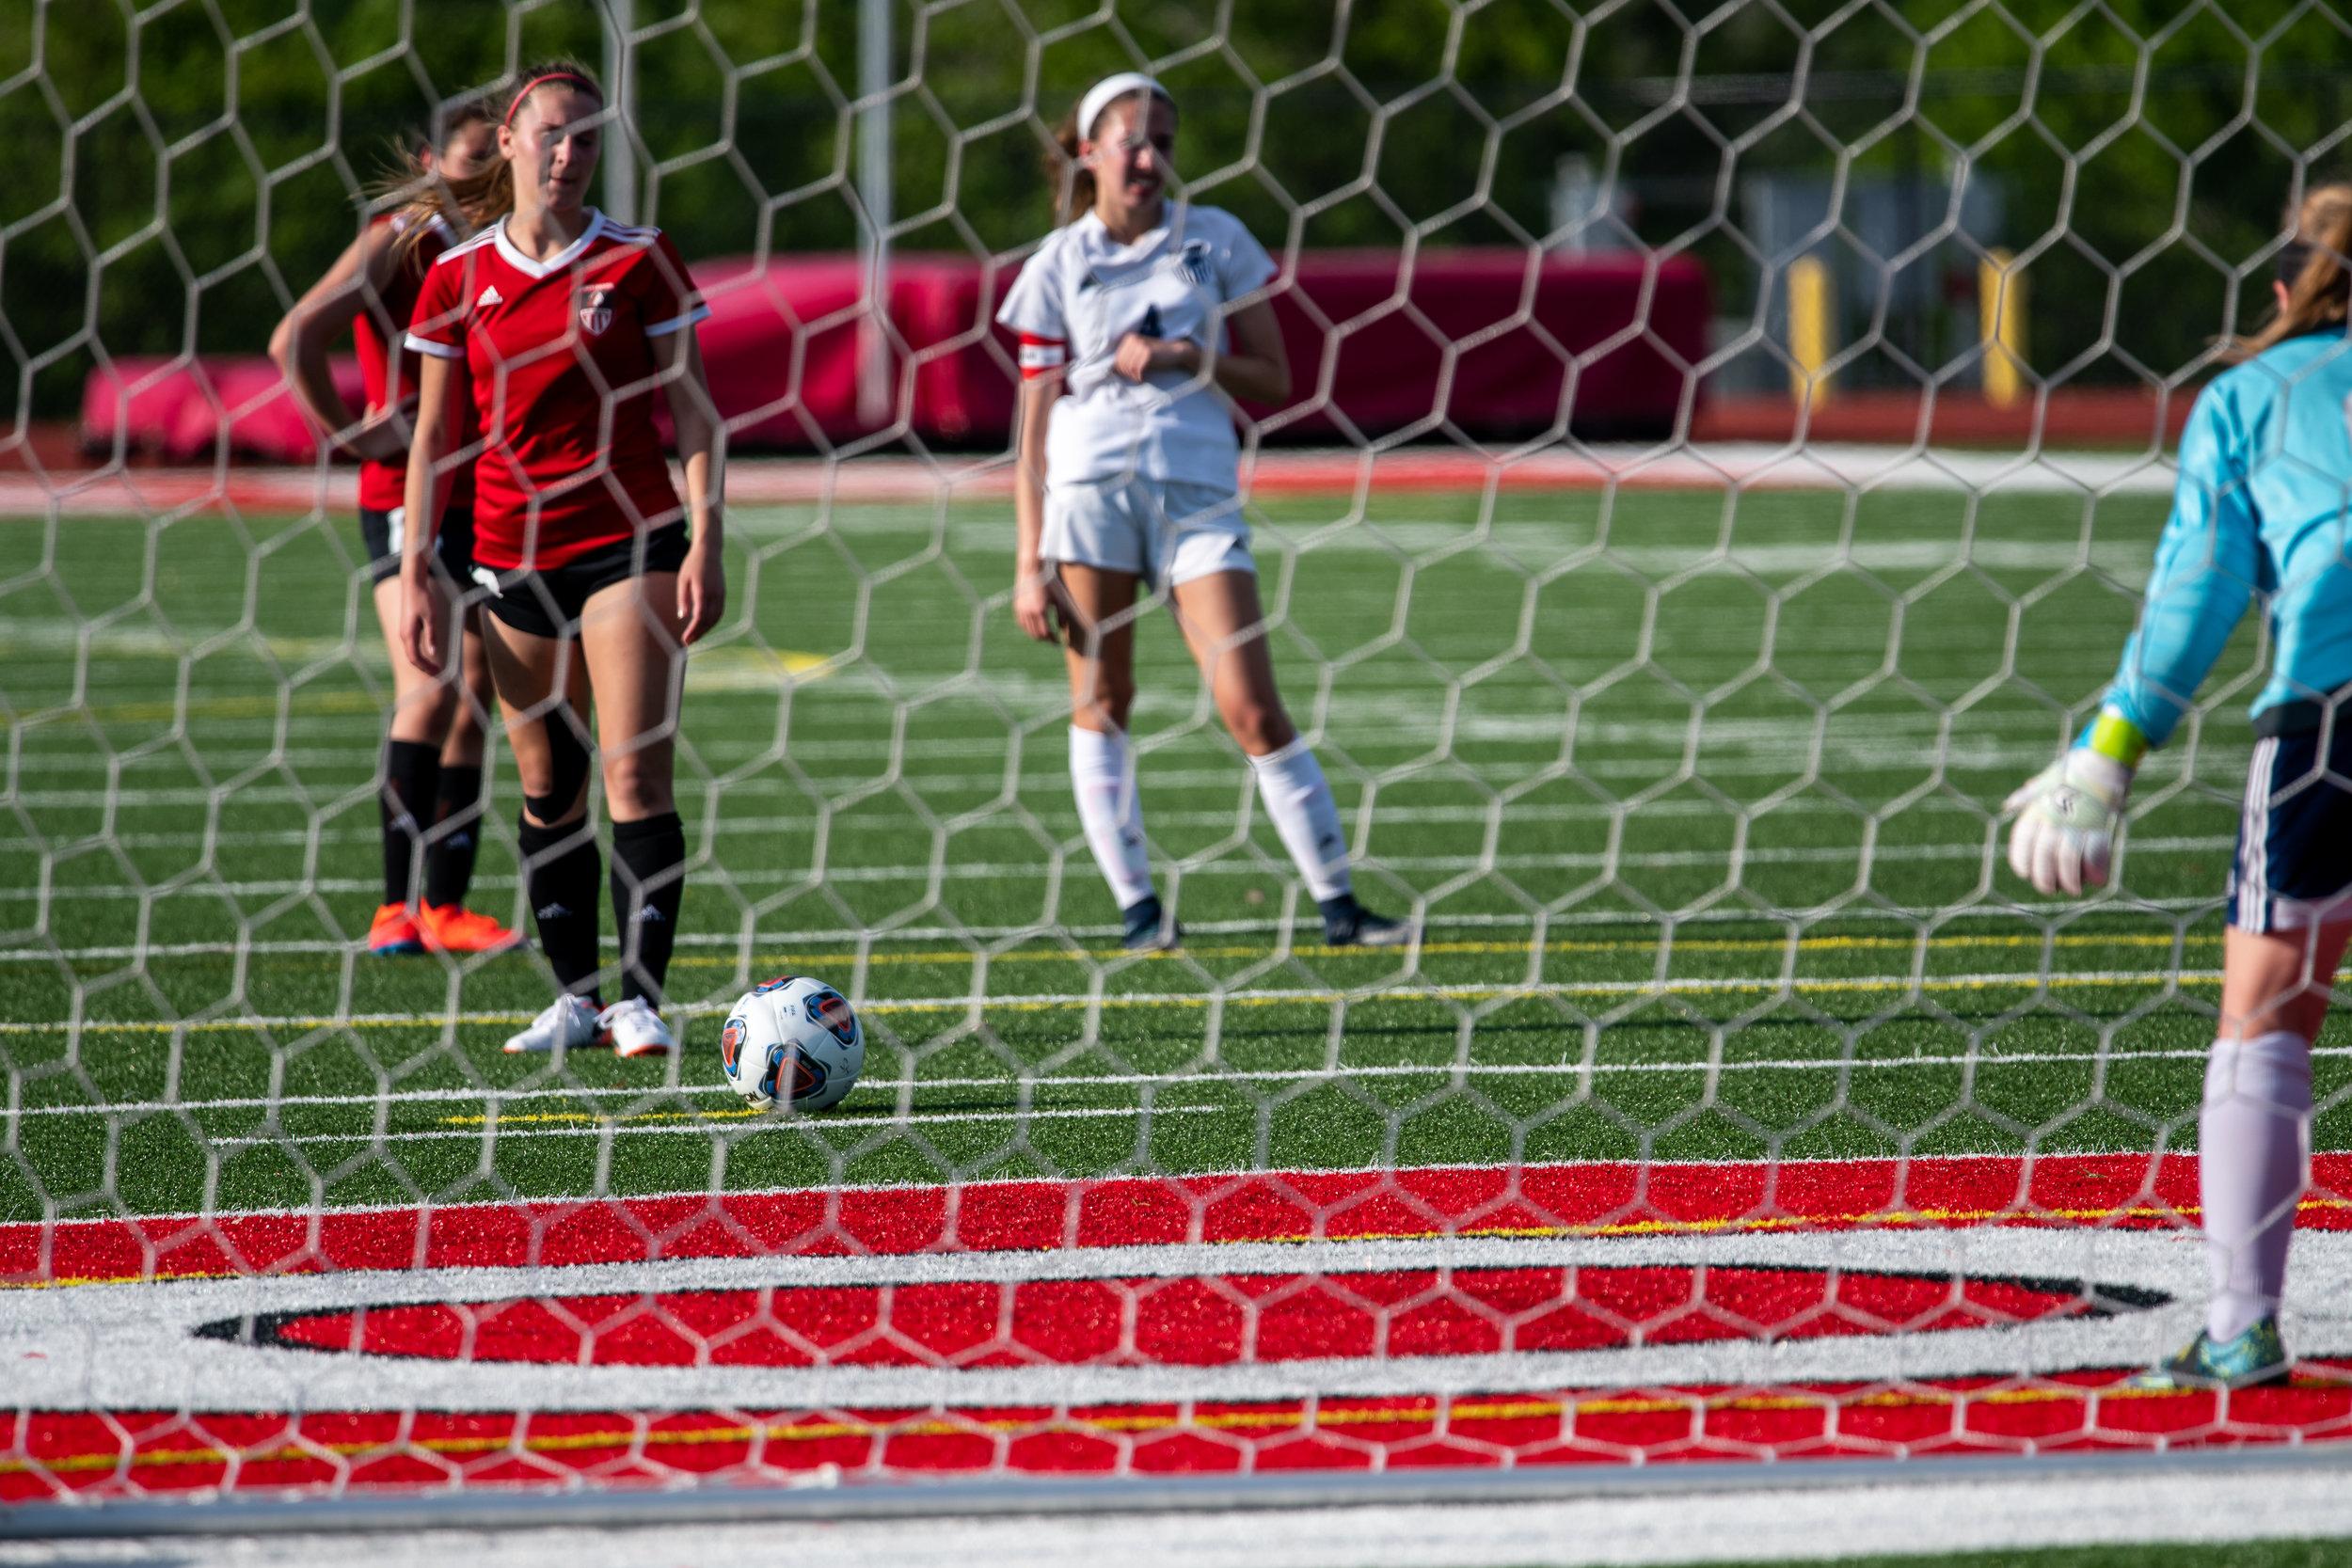 fort-osage-girls-soccer-vs-truman_32910770167_o.jpg